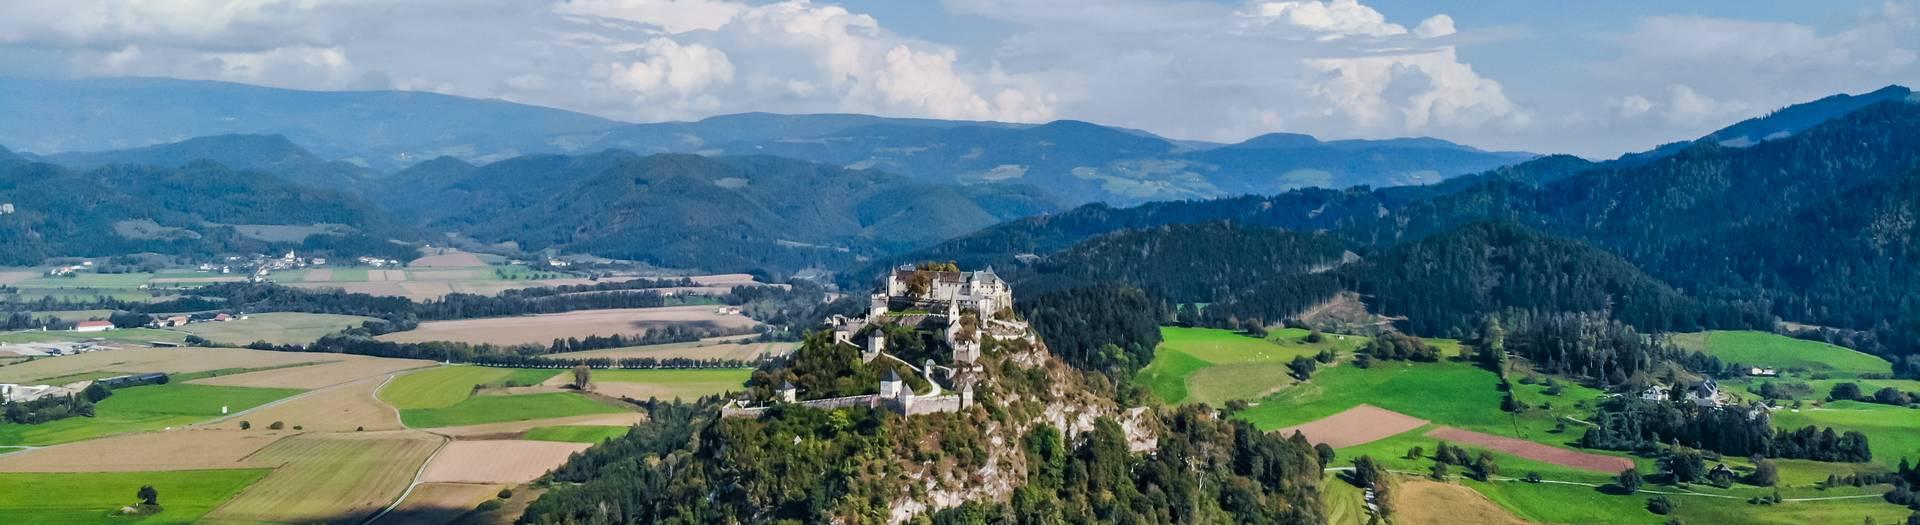 Die Felsenburg Burg Hochosterwitz in Kärnten